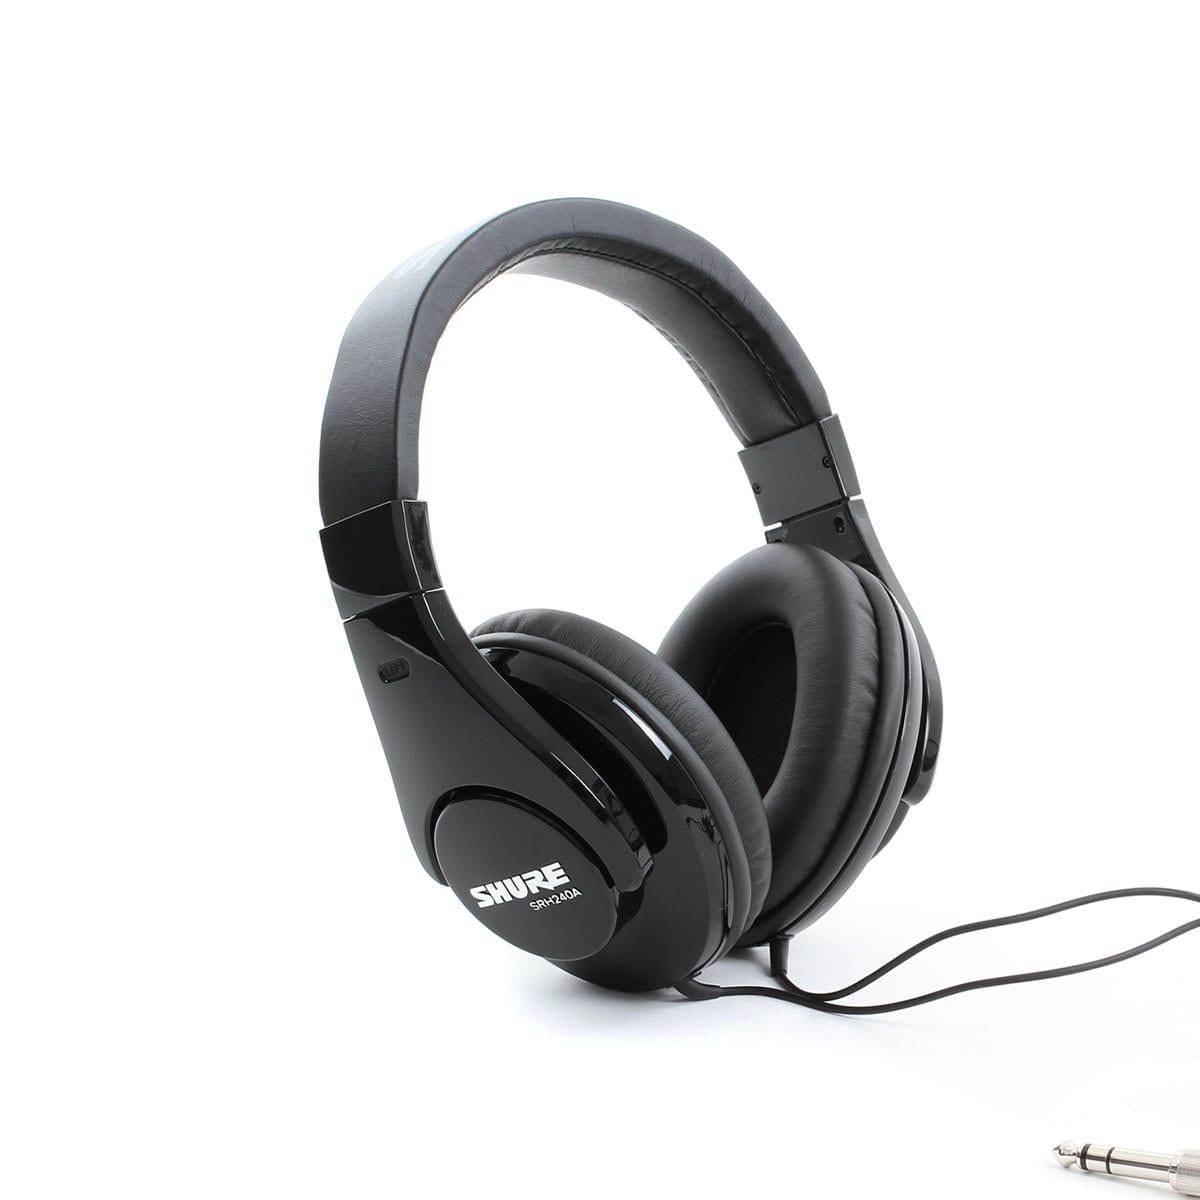 Shure SRH 240A Pro Studio Headphones